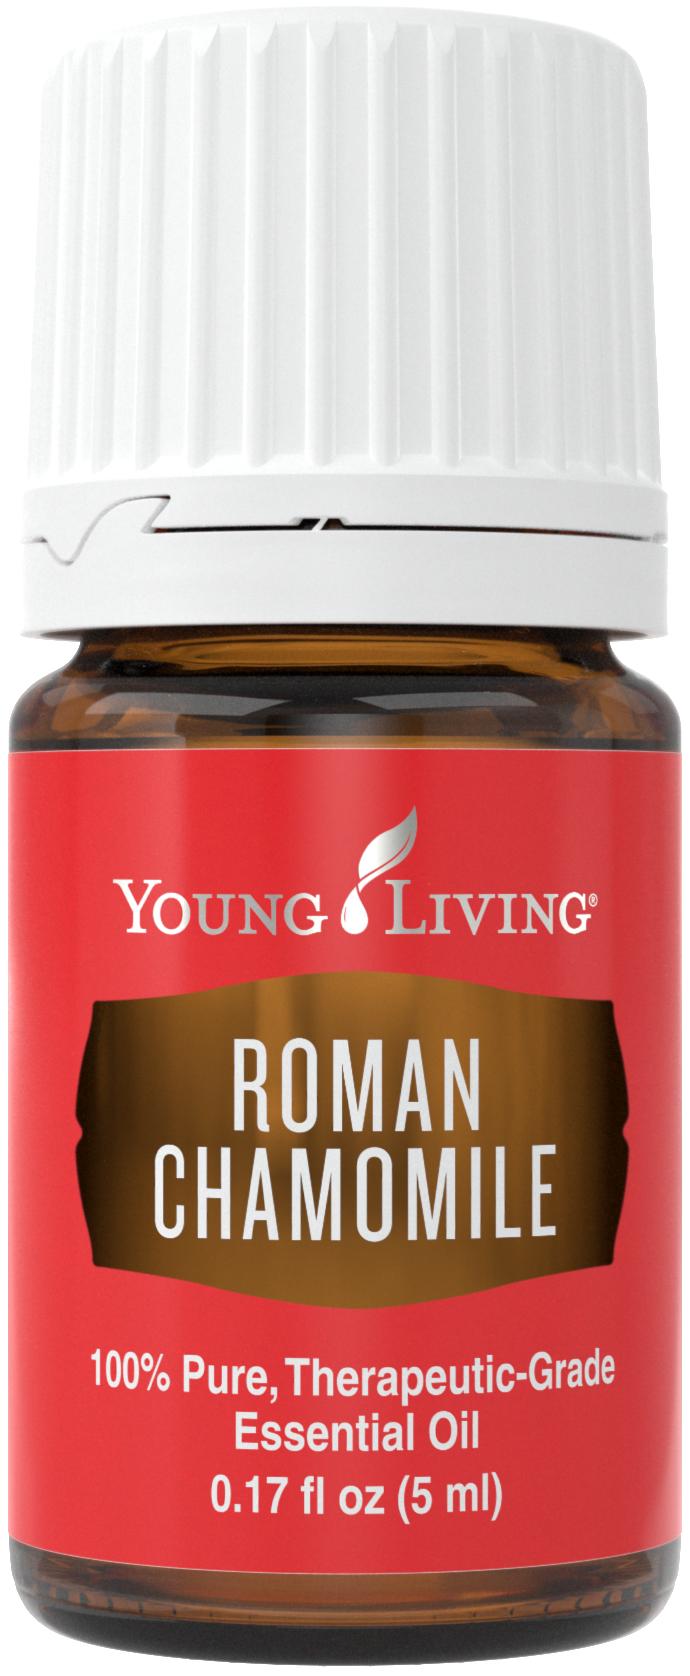 romanchamomile_5ml_silo_us_2016_24444961011_o